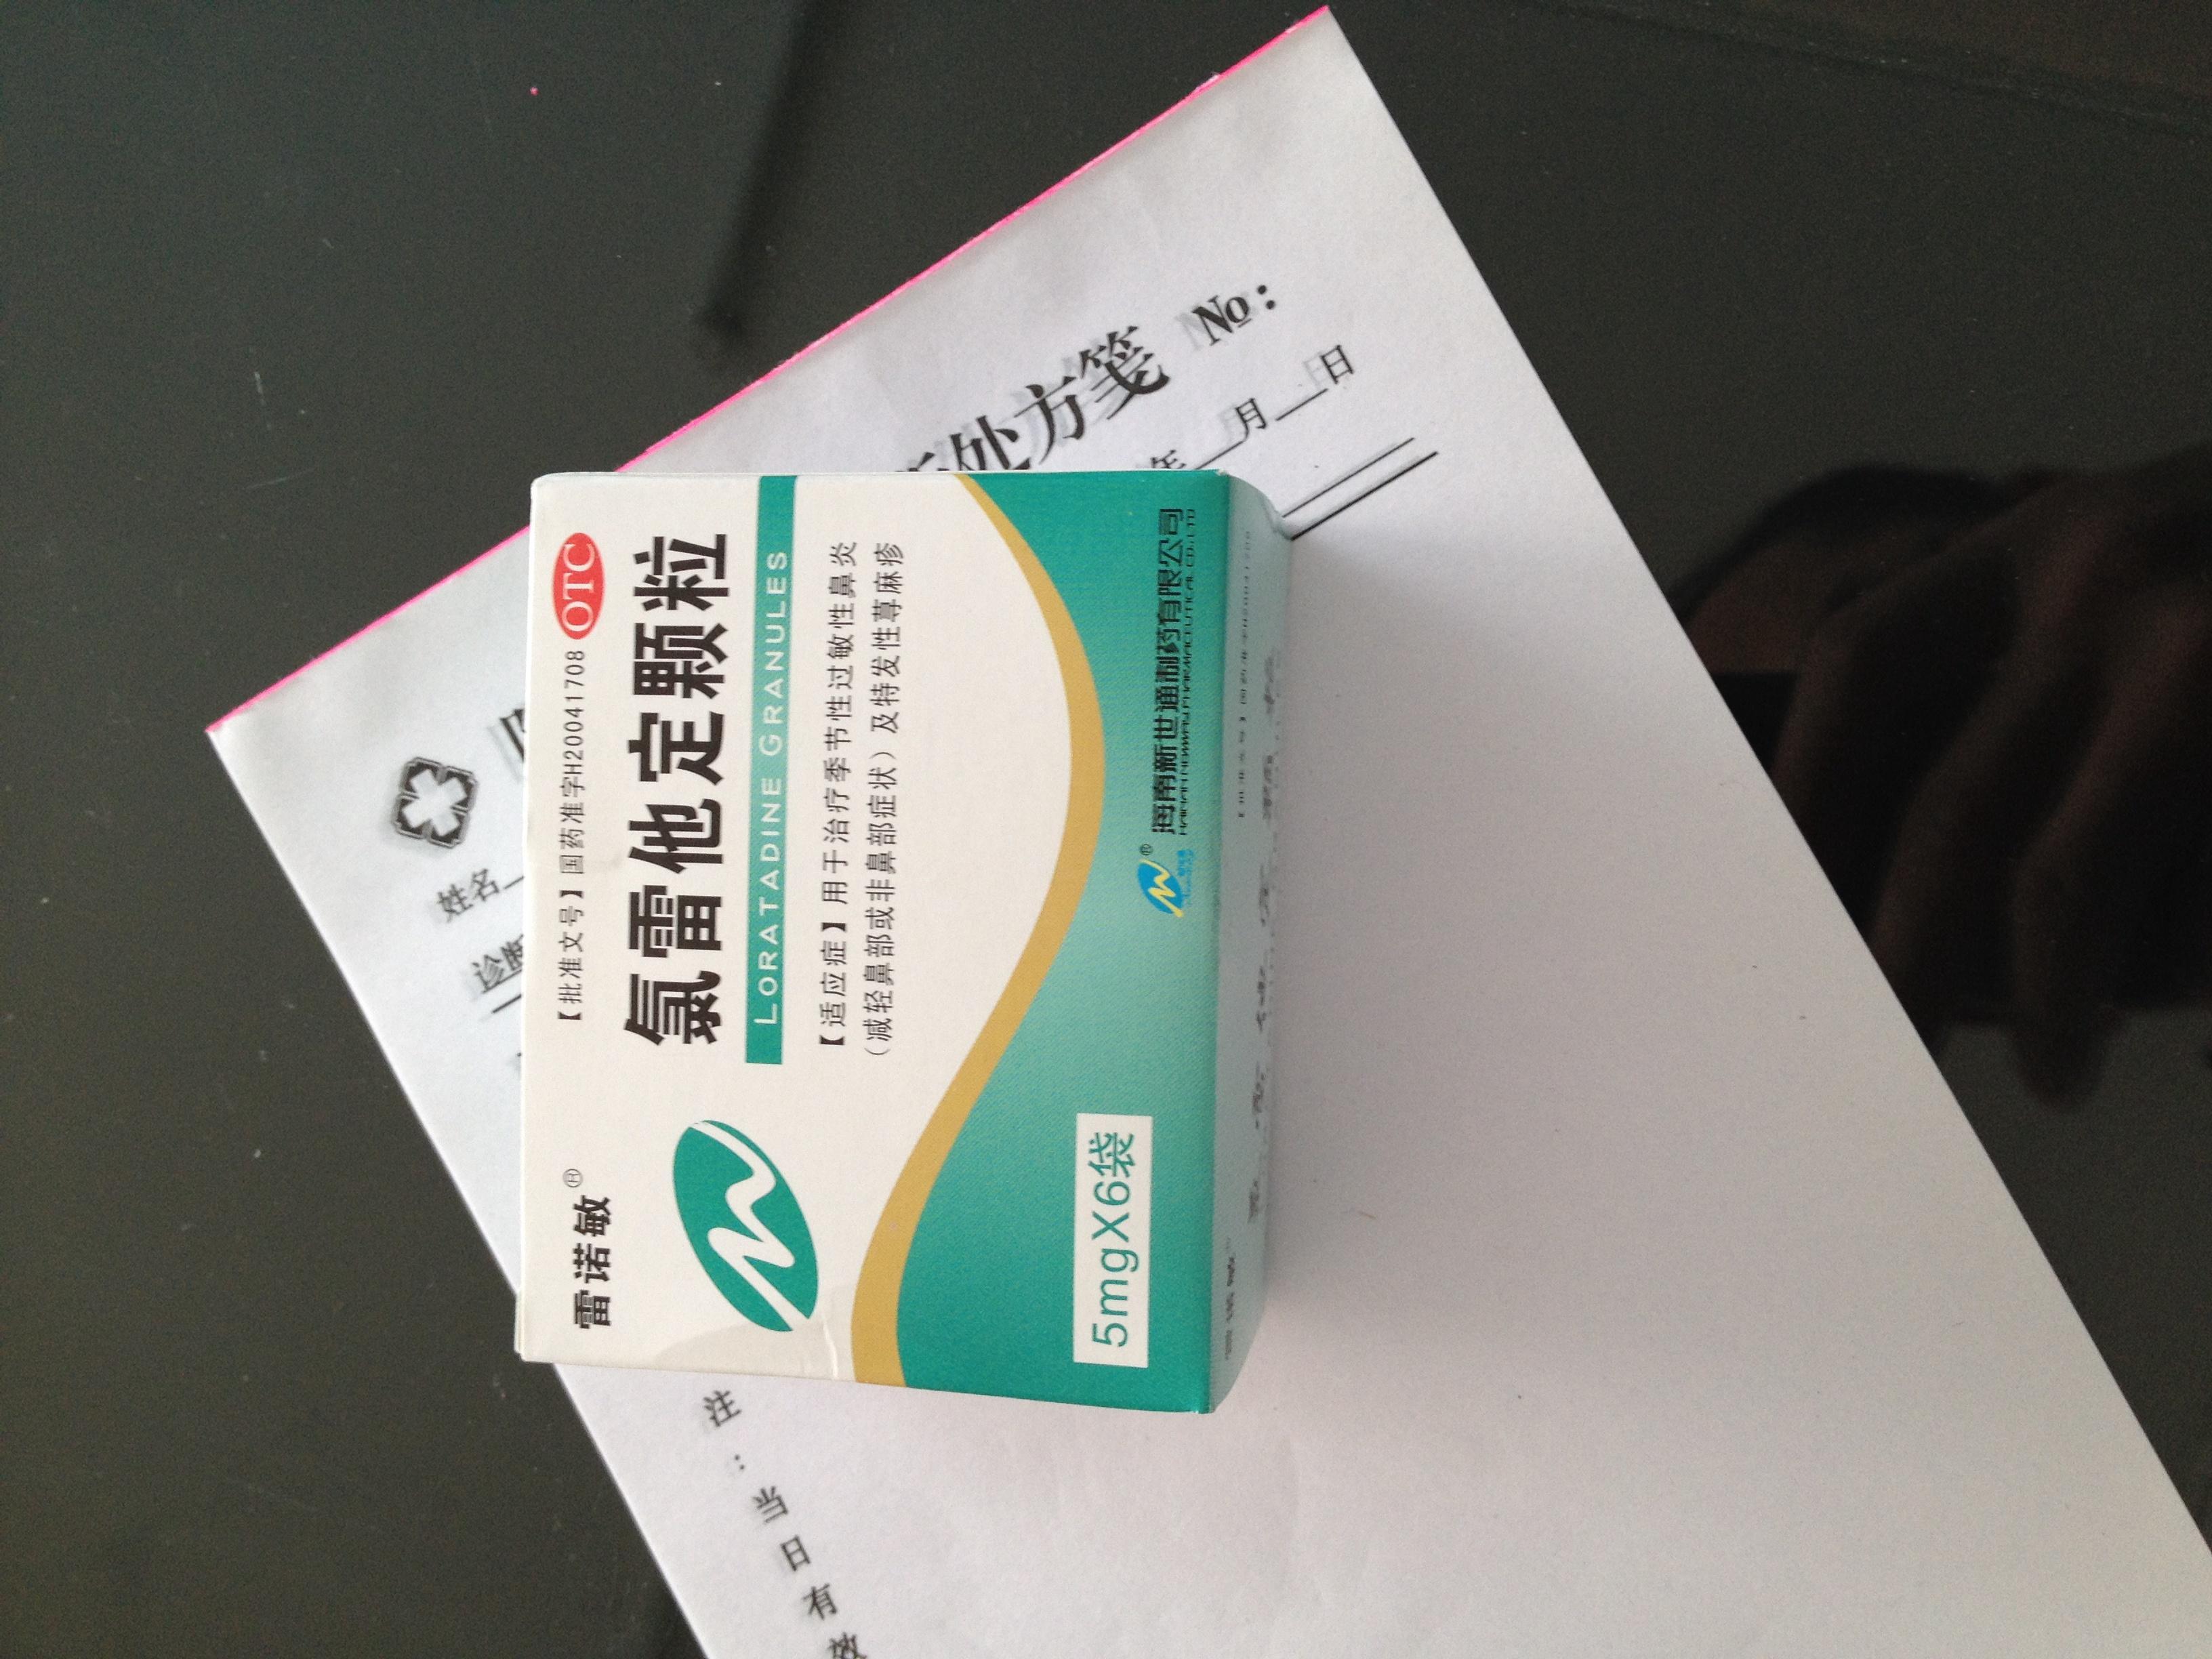 过敏性鼻炎验方  过敏性鼻炎偏方红霉素